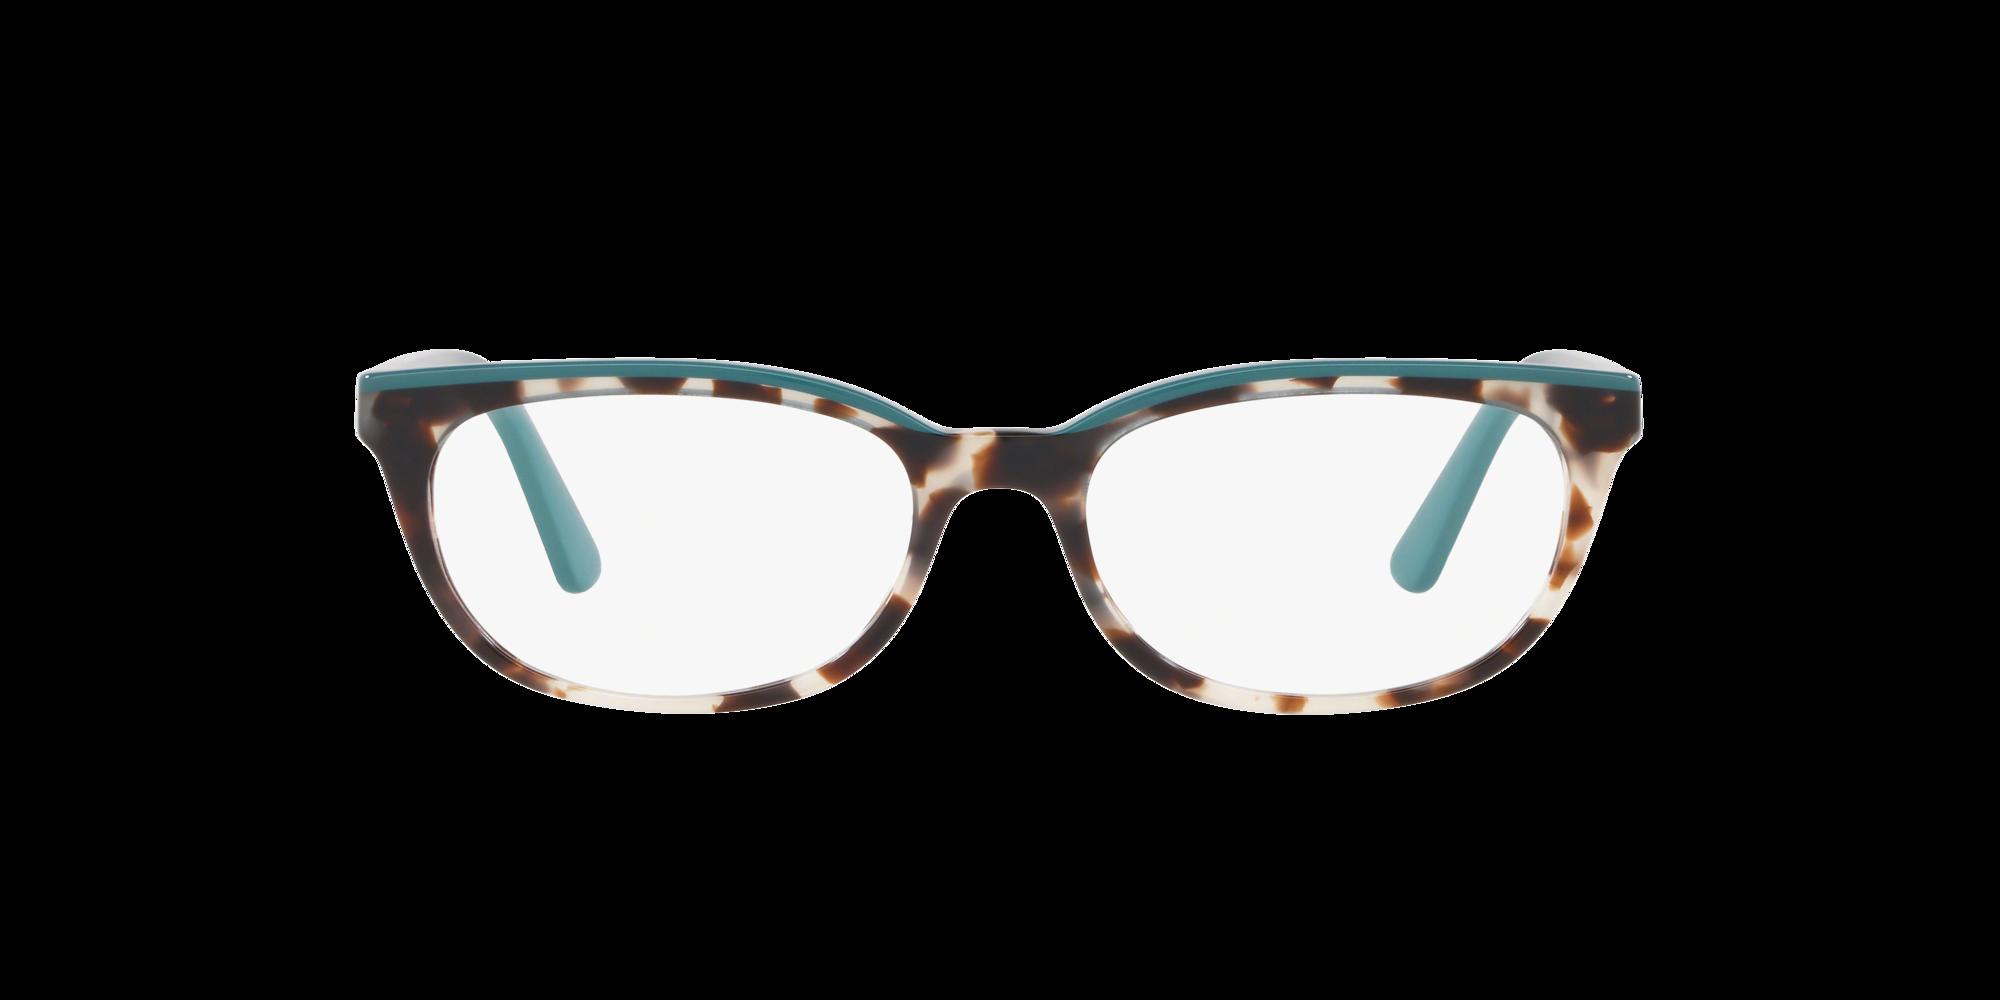 Imagen para PR 13VV CATWALK de LensCrafters |  Espejuelos, espejuelos graduados en línea, gafas